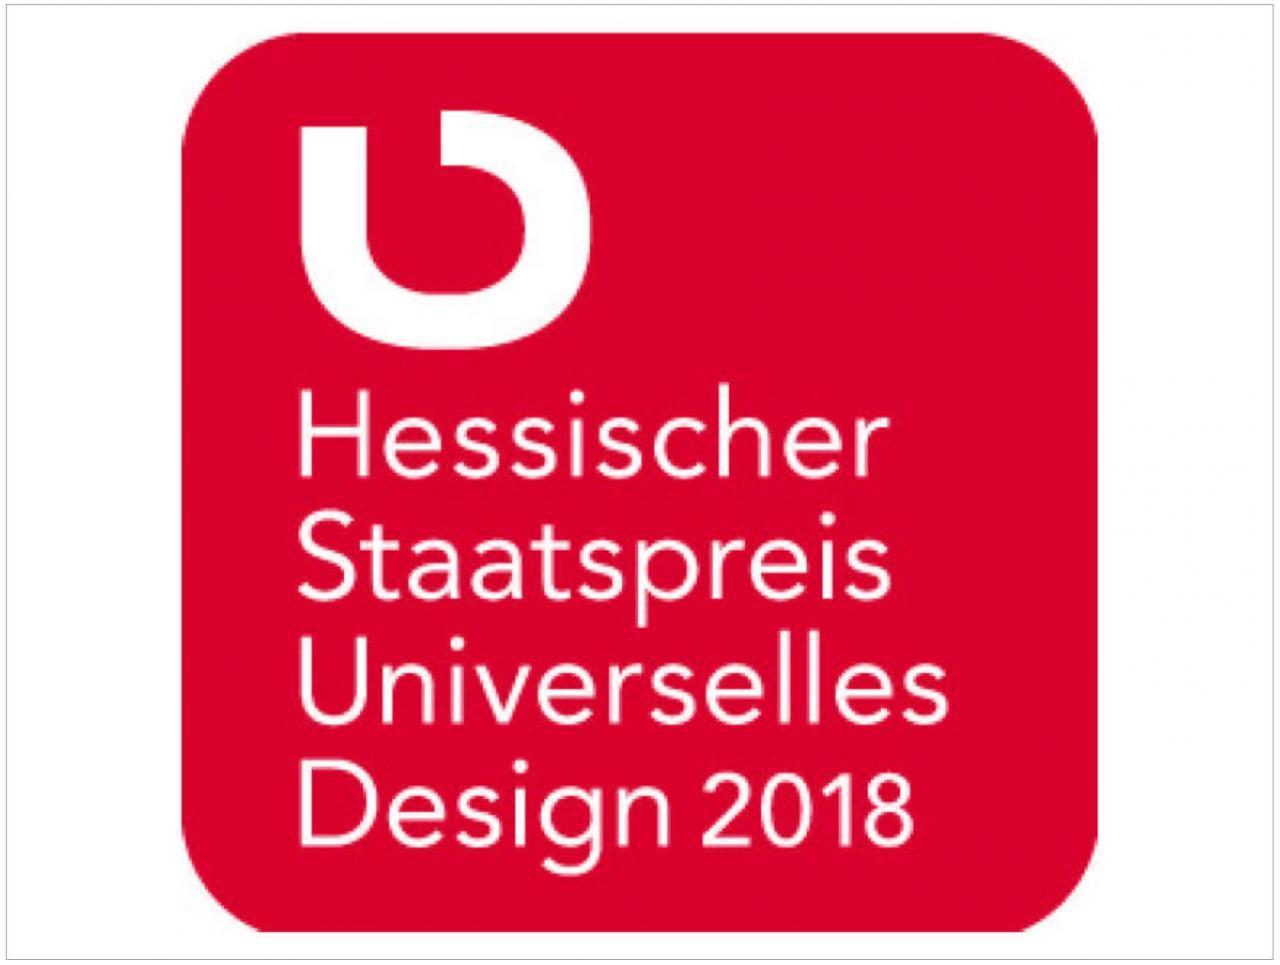 Hessischer Staatspreis Universelles Design 2018